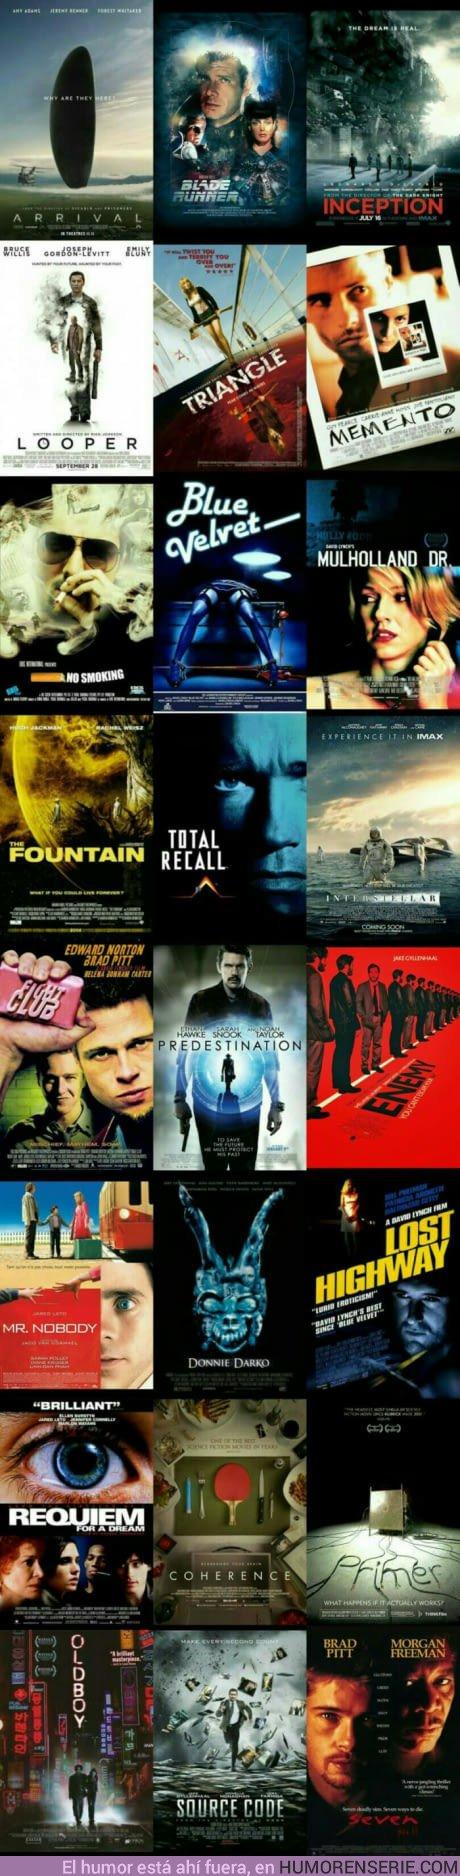 22934 - 24 películas que harán que te explote la cabeza